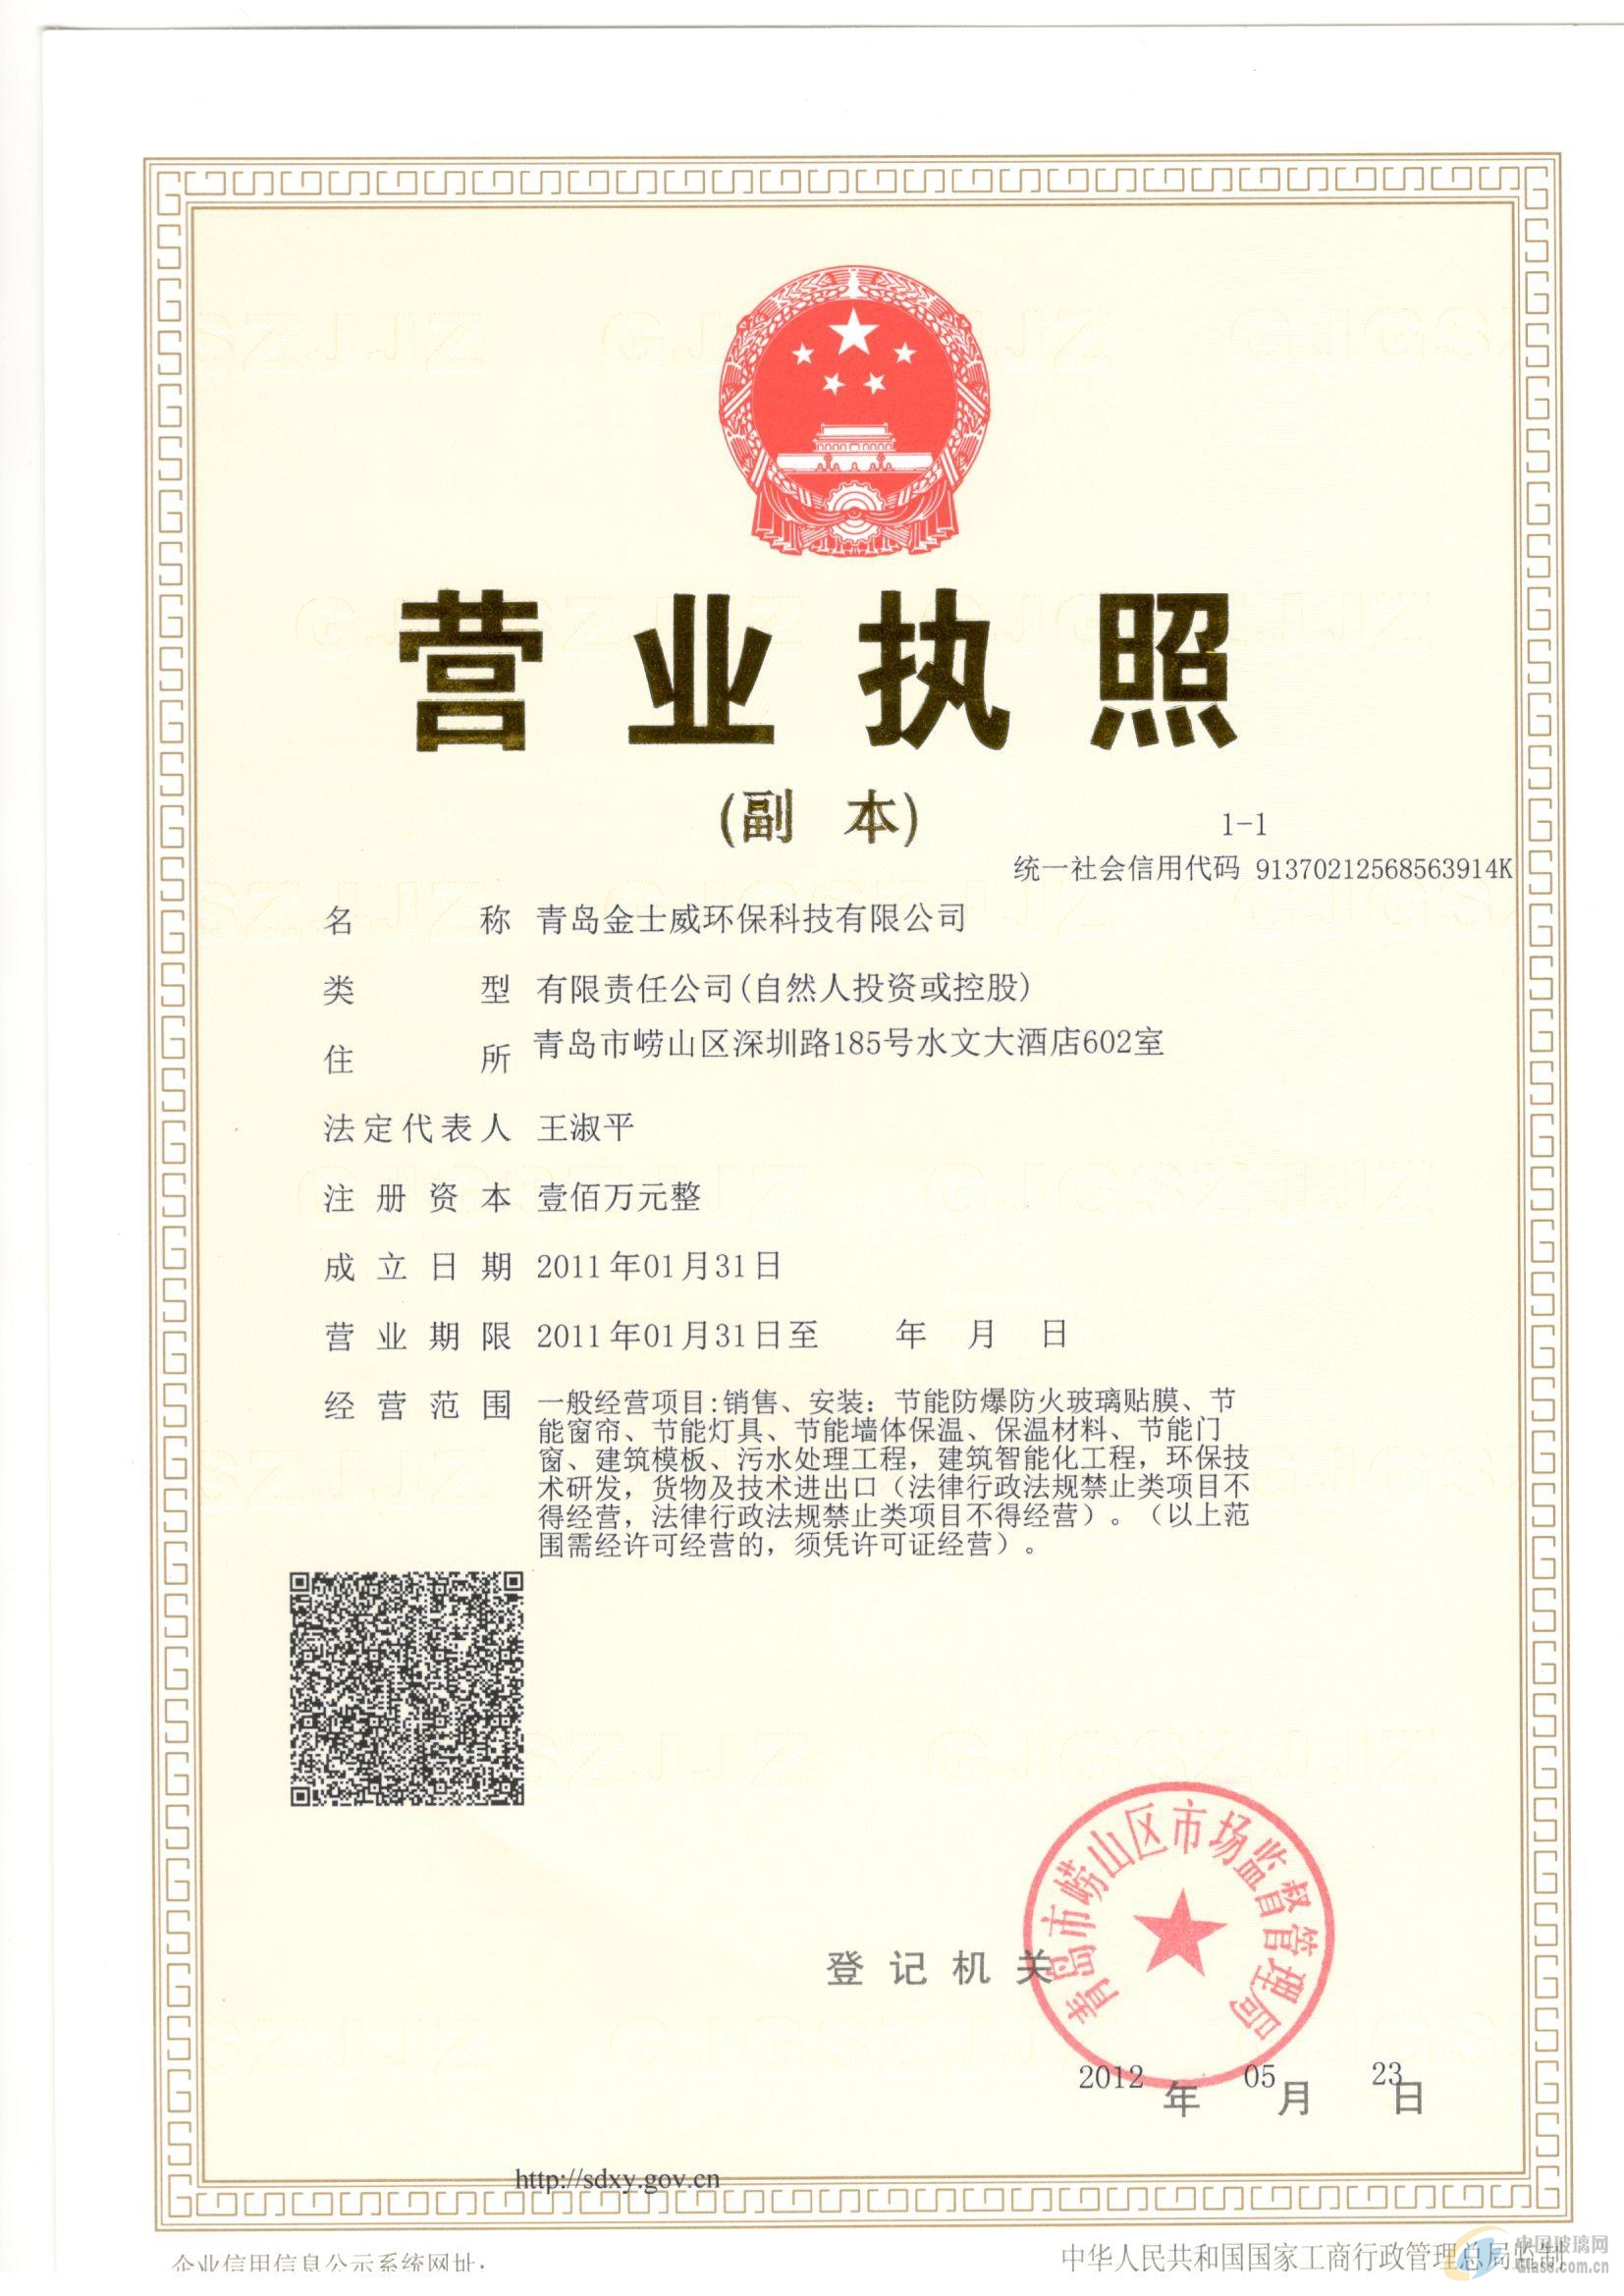 登记机关:青岛市崂山区市场监督管理局 管理体系认证: 营业执照